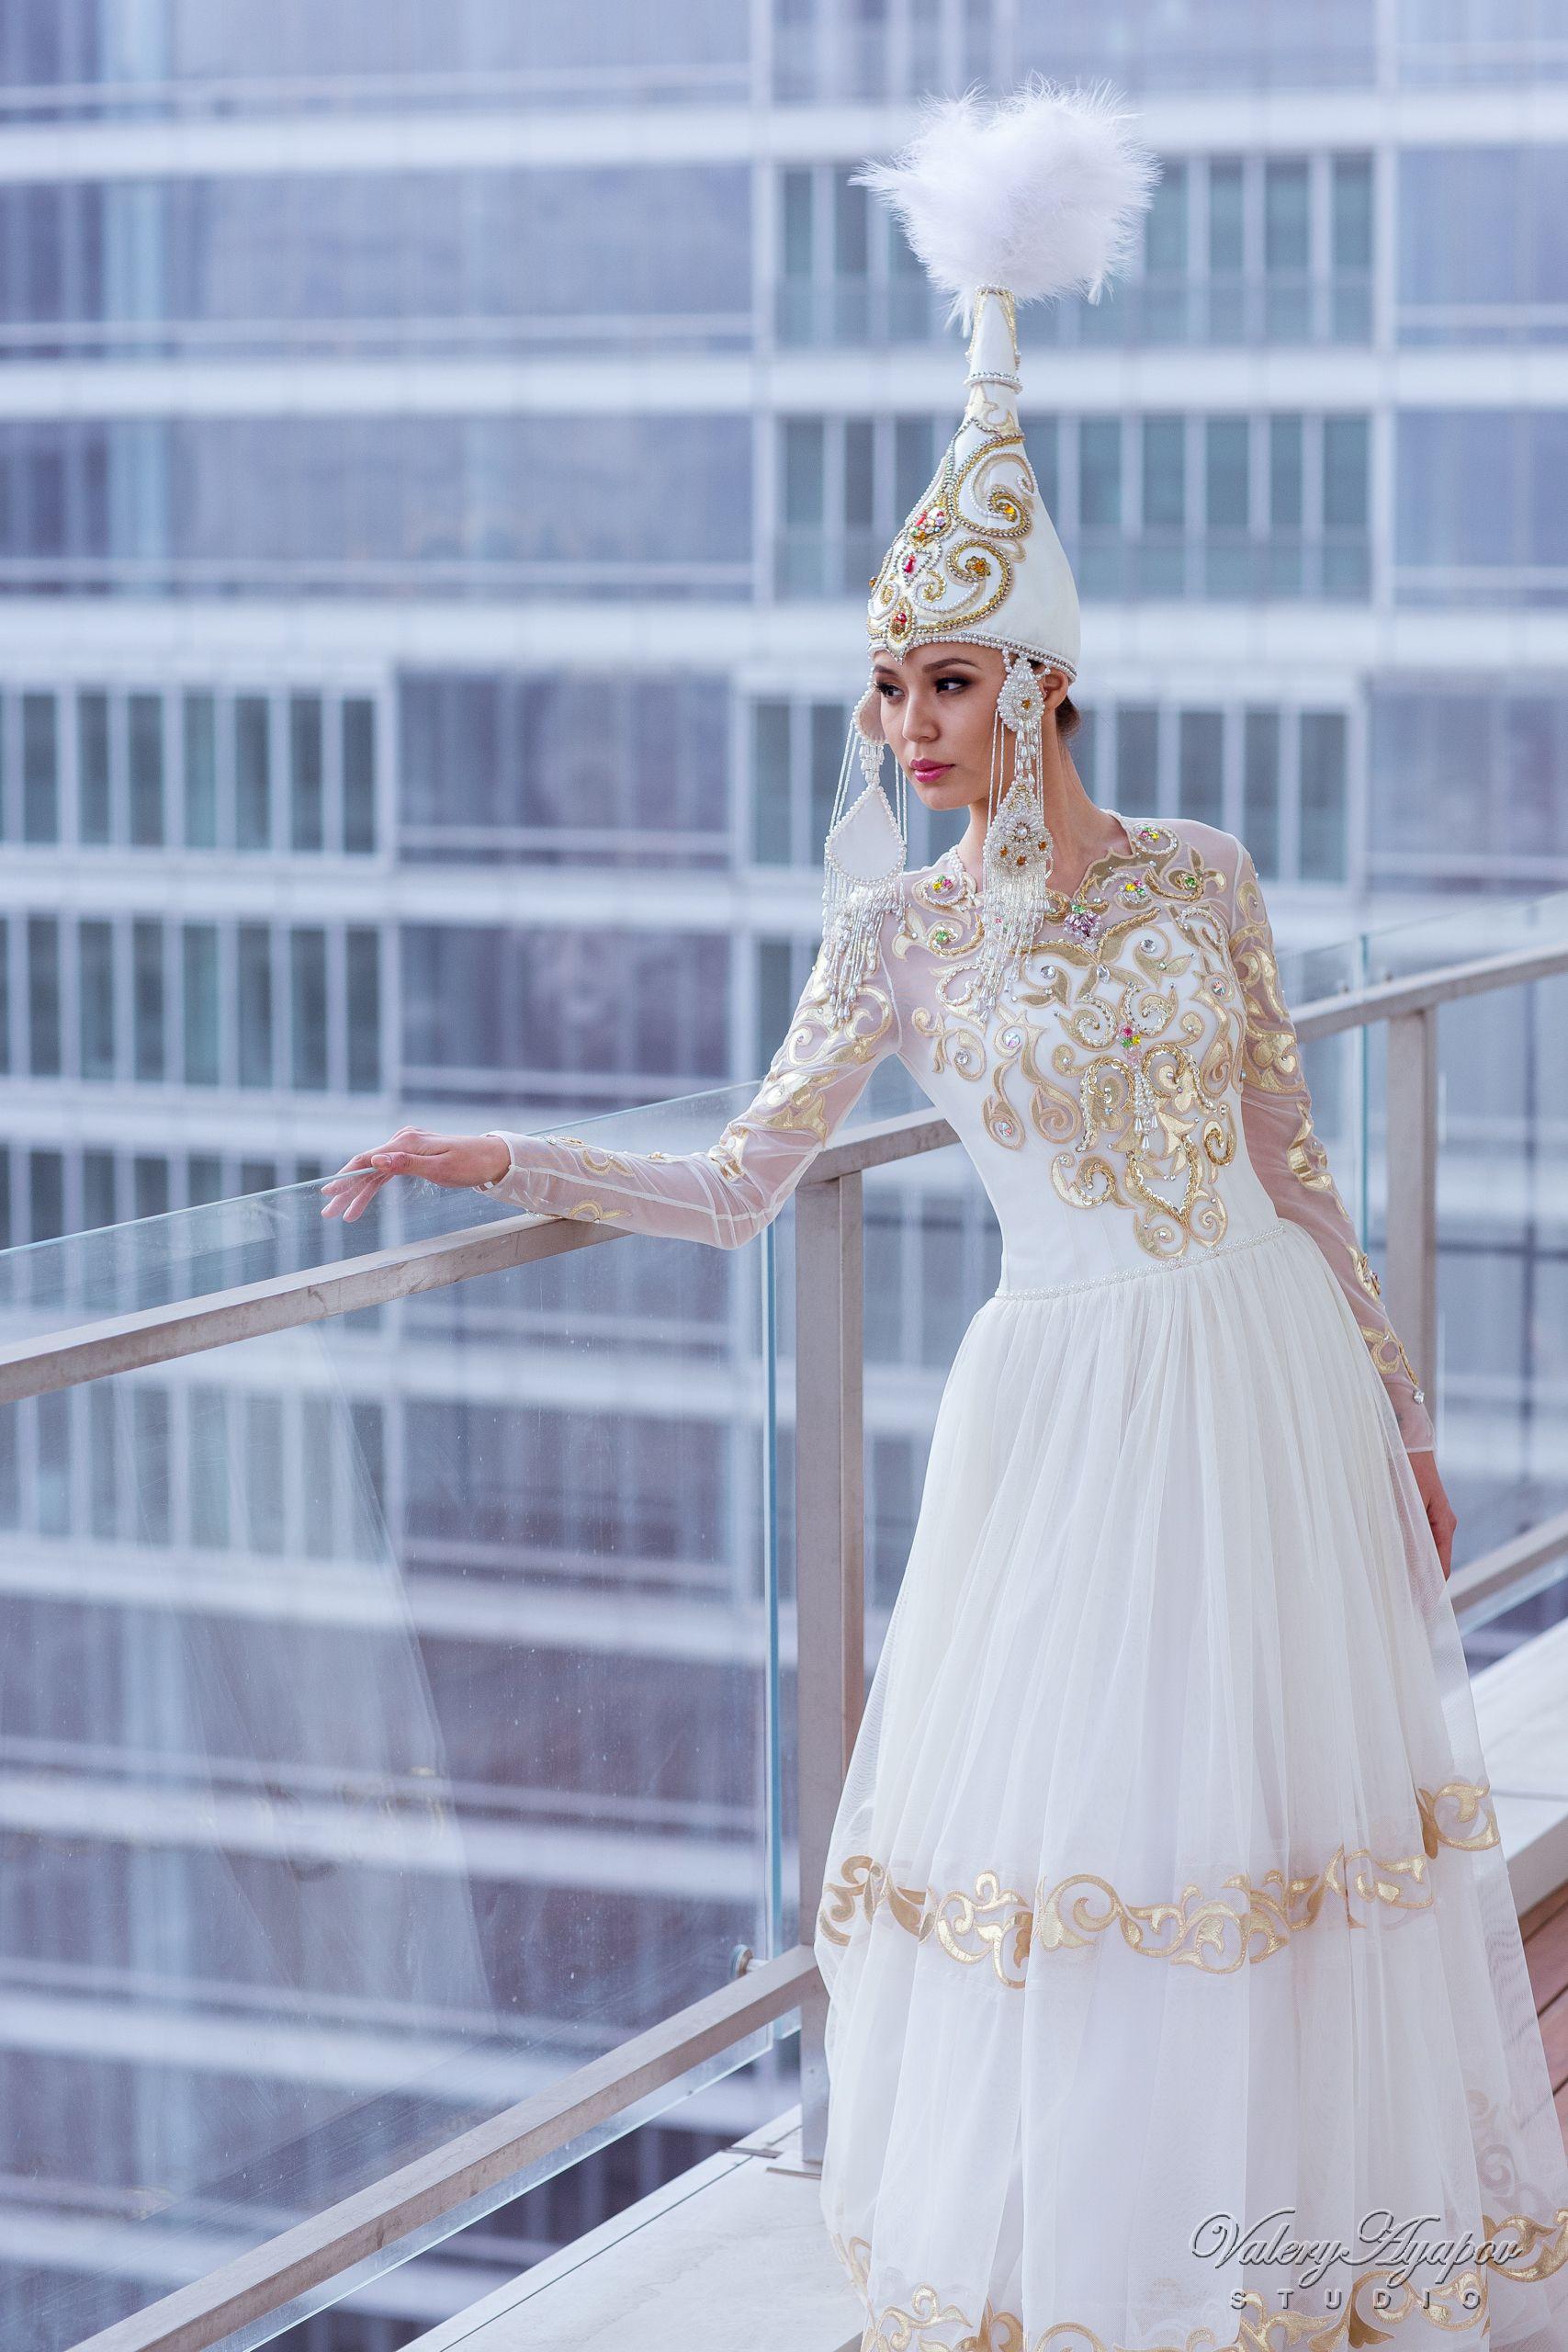 модели платье в казахском национальном стиле фото подумала